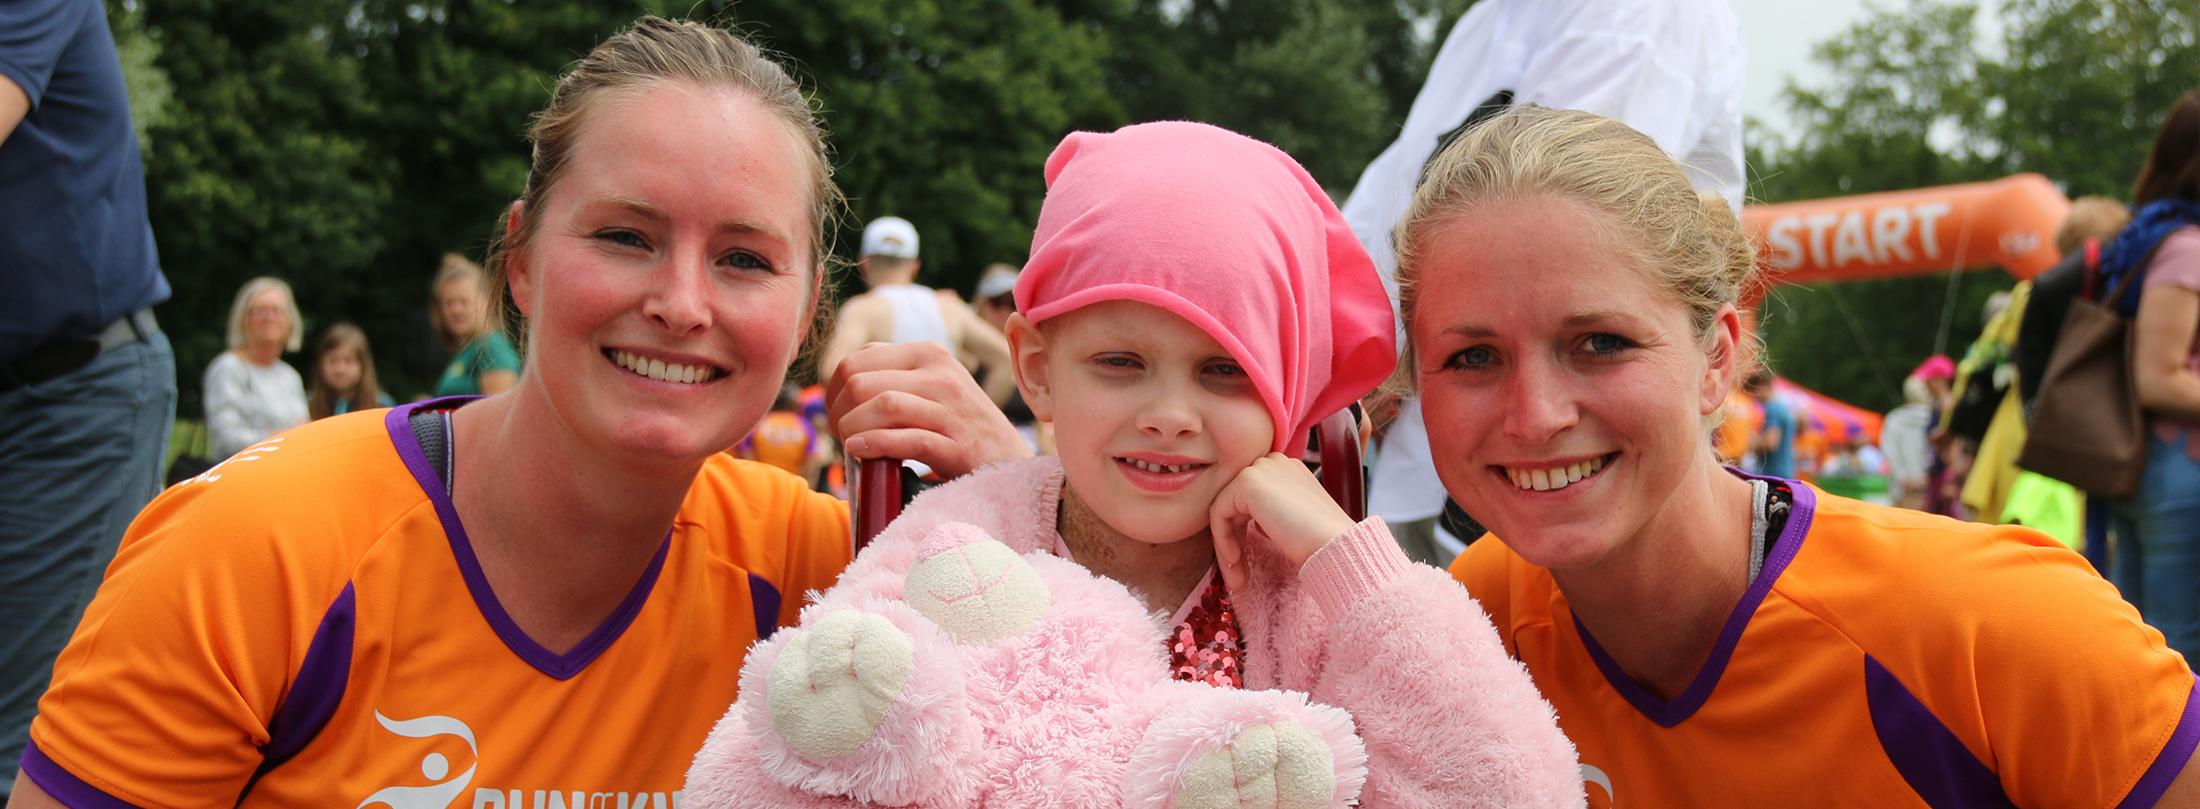 De runners van de 5 km hebben de gratis KiKa muts op en staan klaar voor de start van de Run for KiKa Winterrun in Utrecht